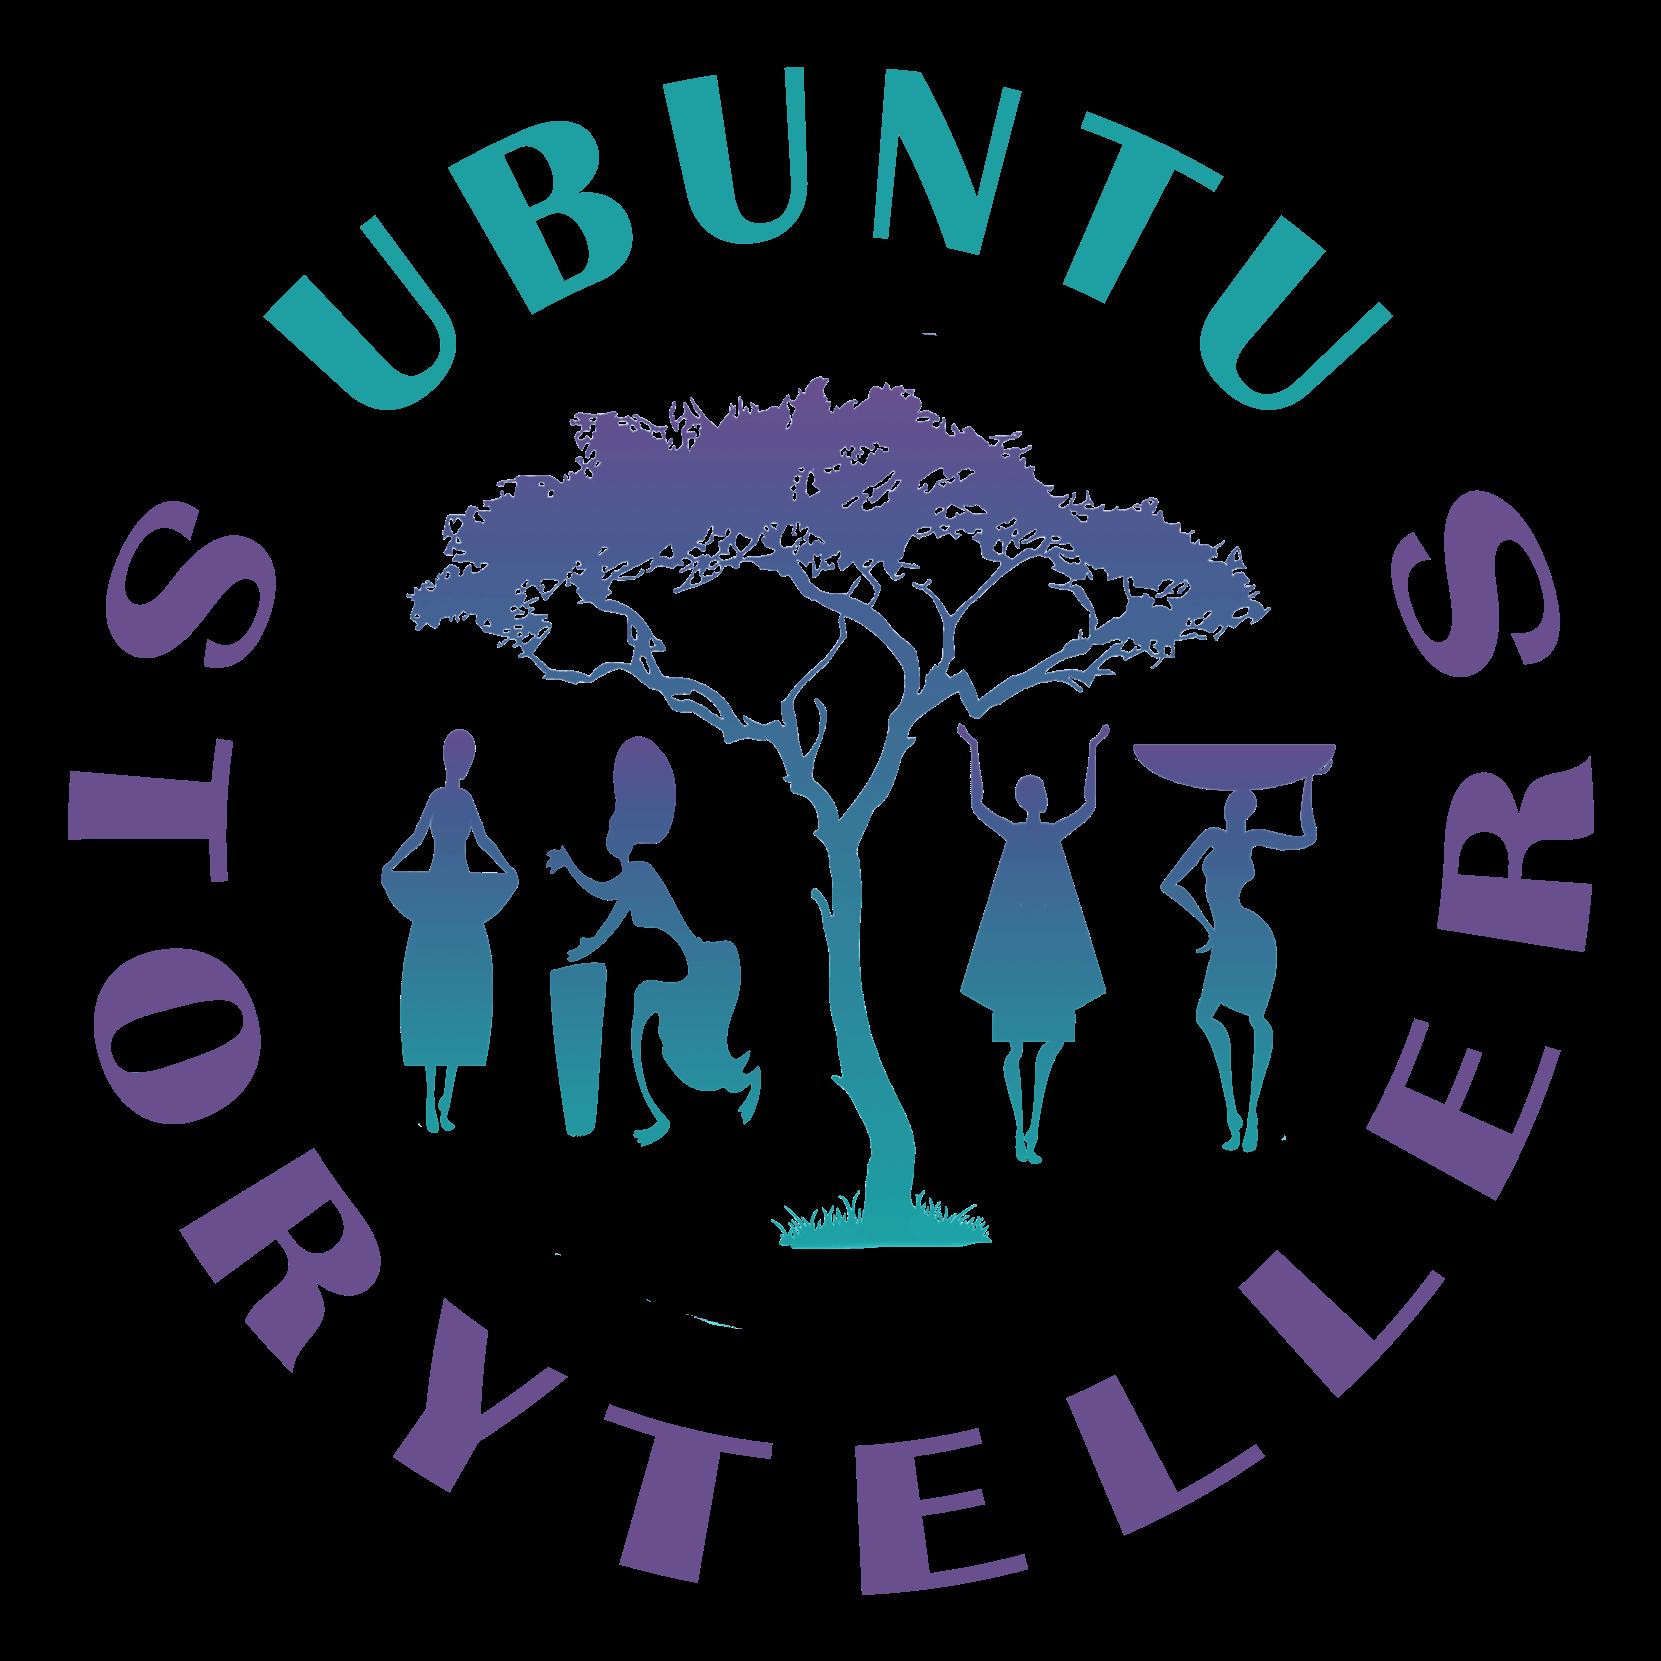 Ubuntu Storytellers